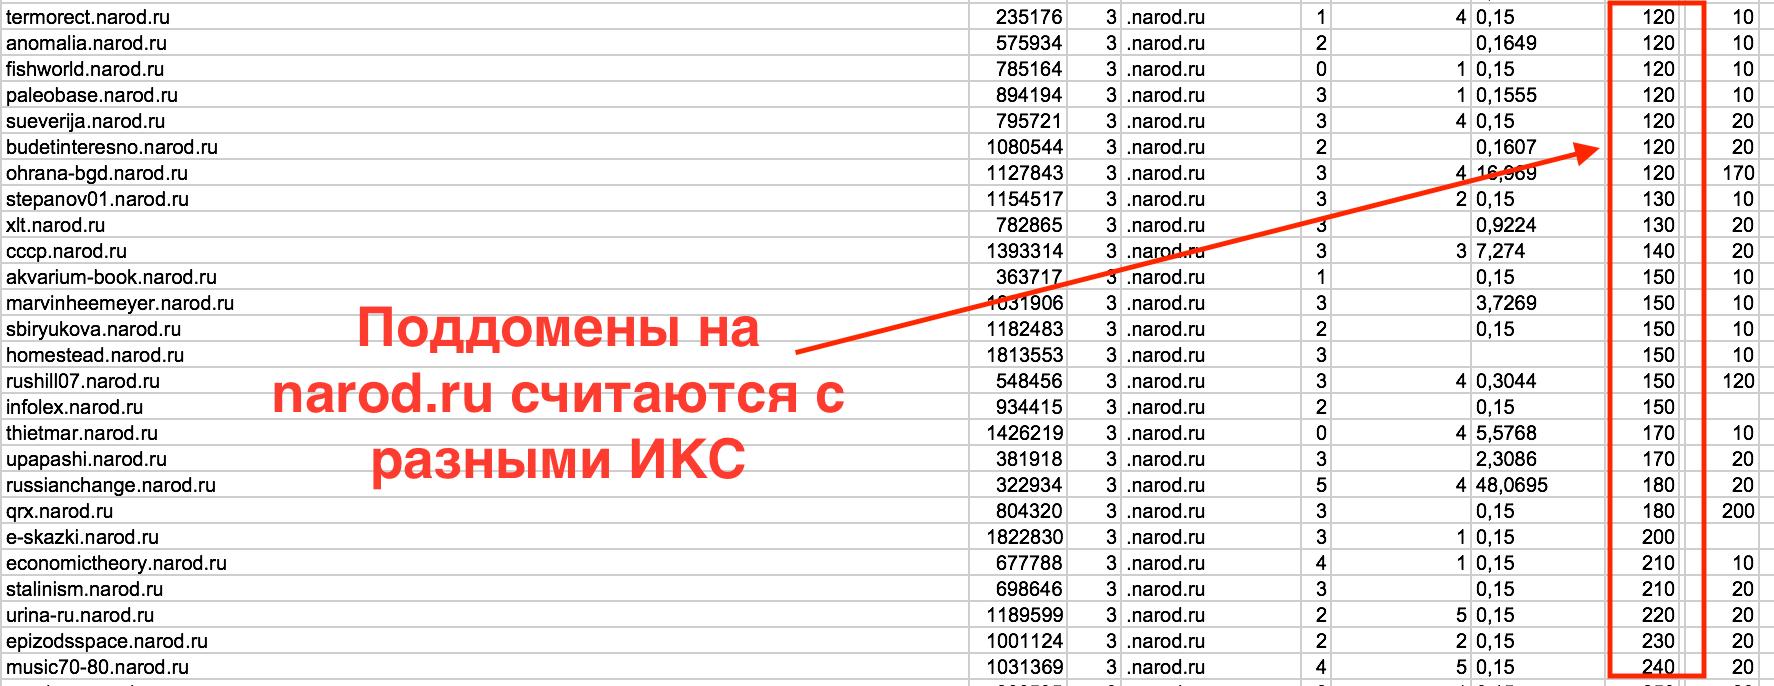 ИКС на сайтах narod.ru считается для каждого поддомена.png